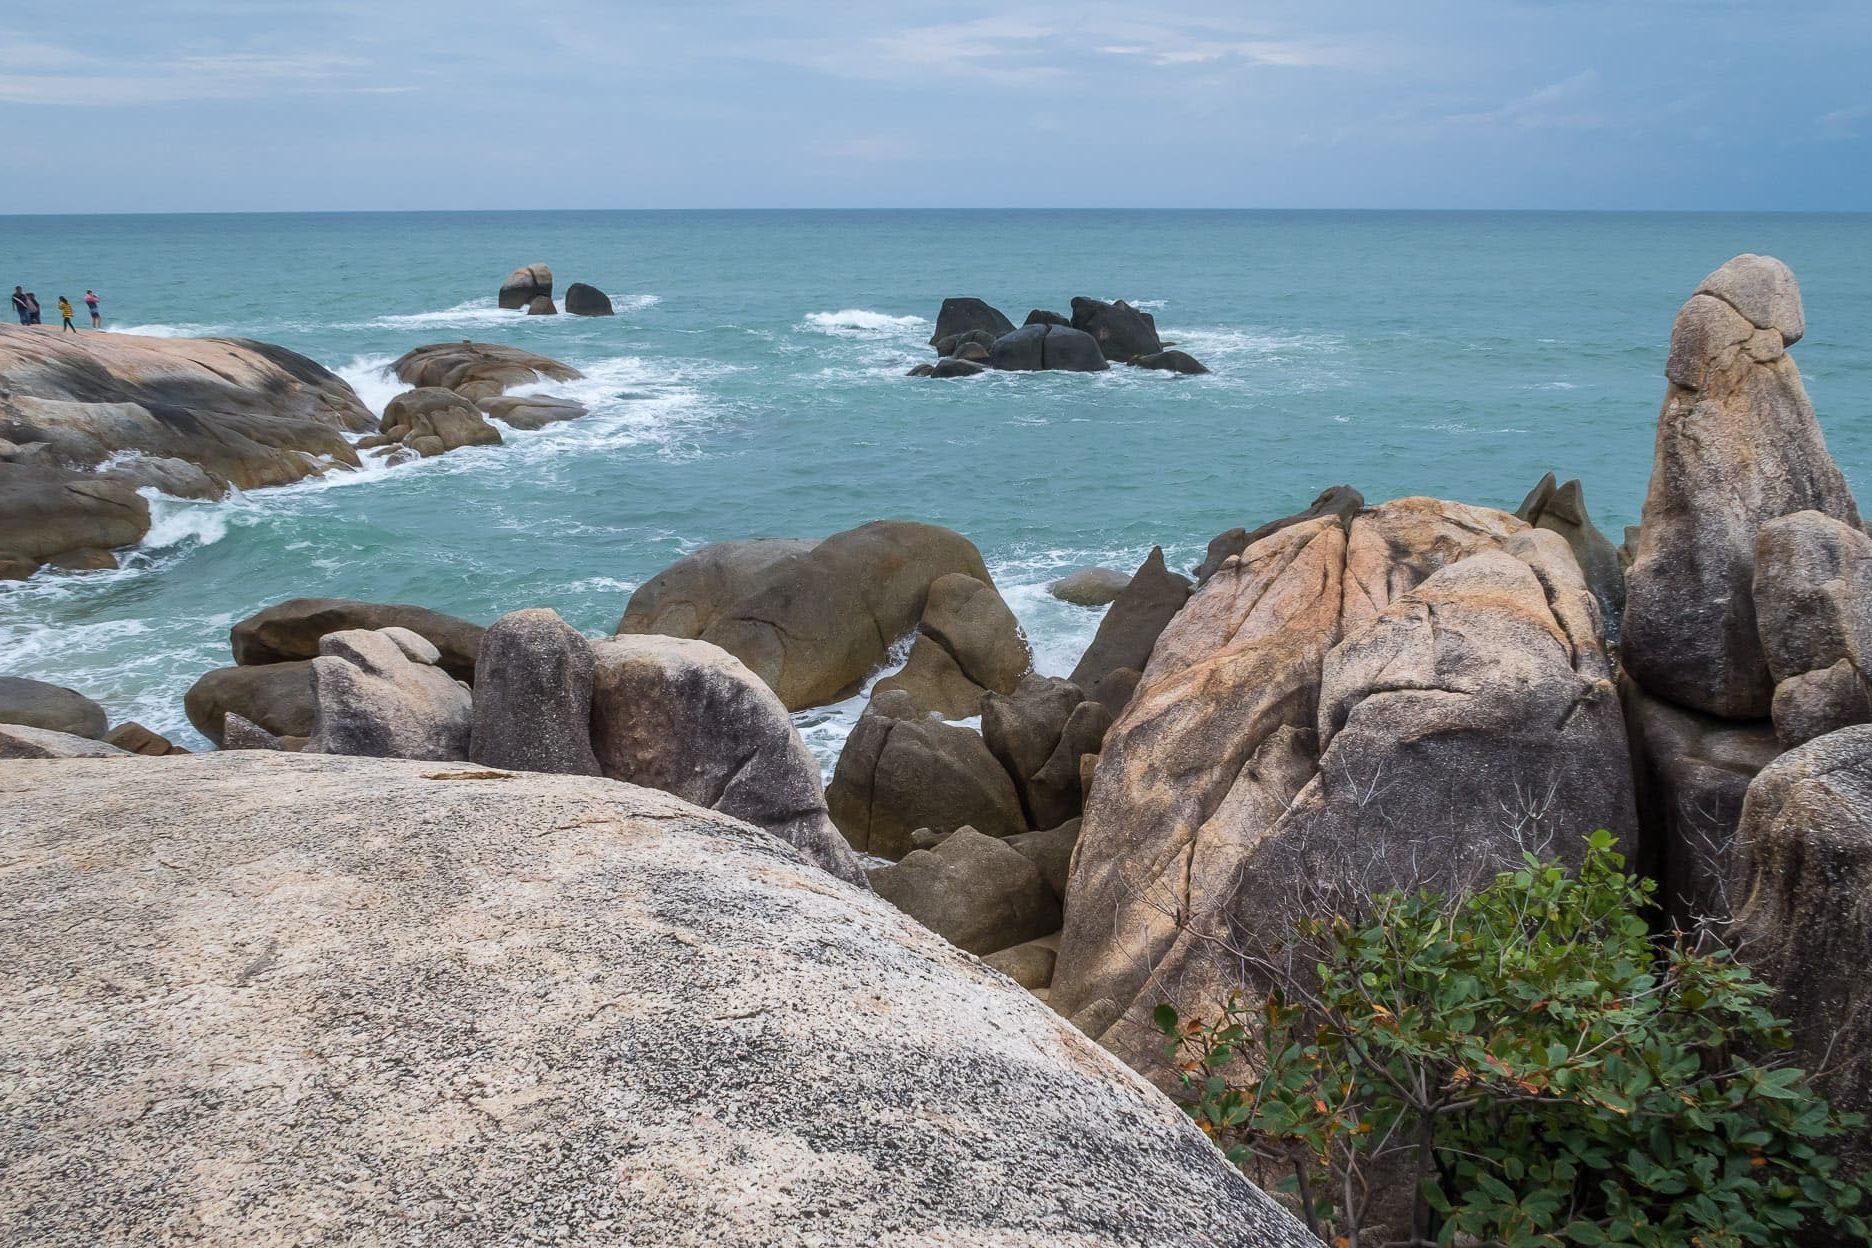 Скалы бабушка и дедушка: главное чудо природы на острове Самуи, Тайланд